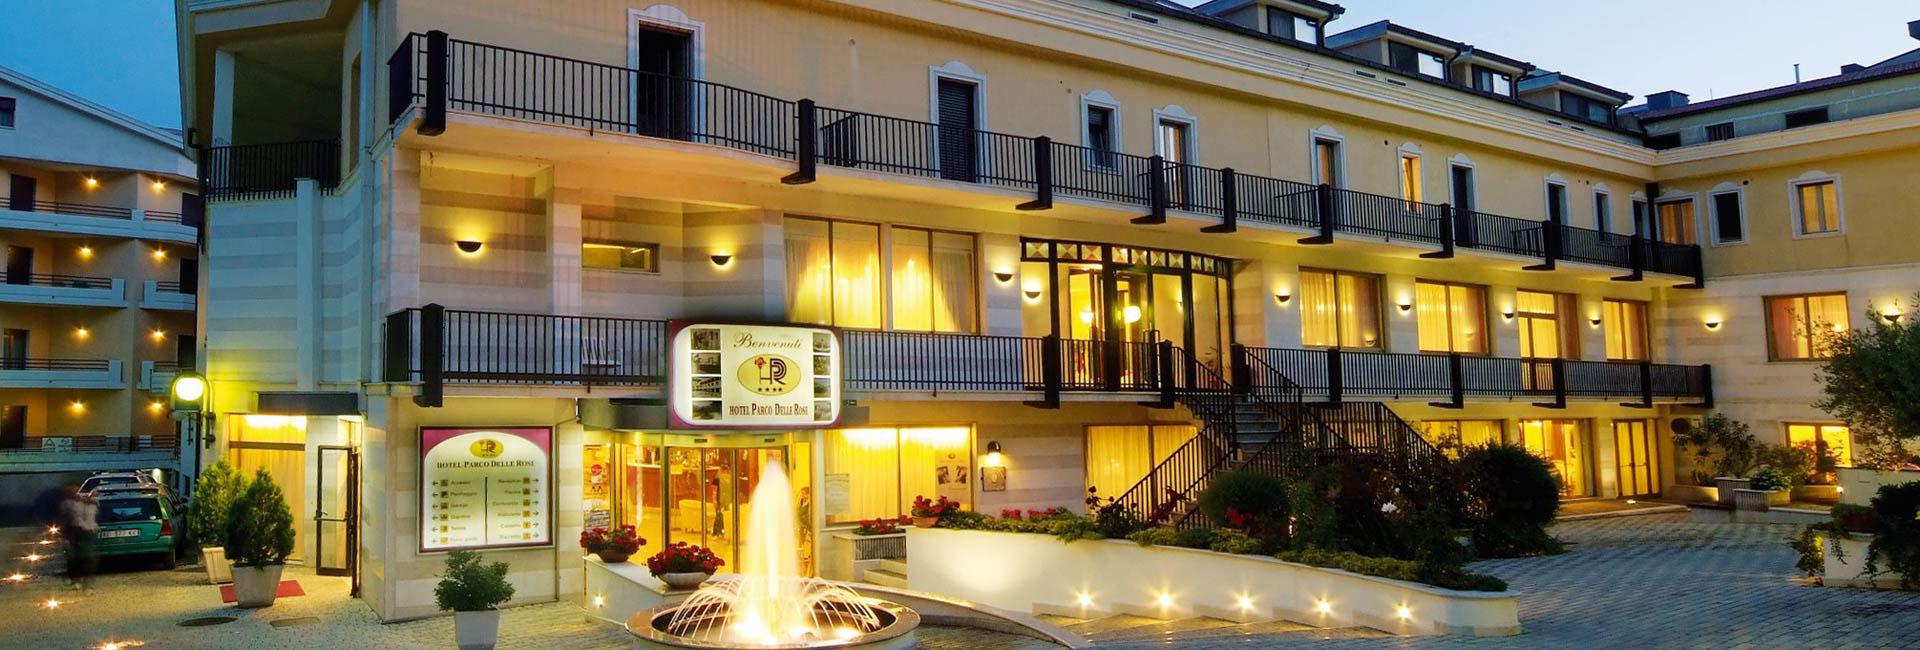 Hotel Mezza Pensione Gargano